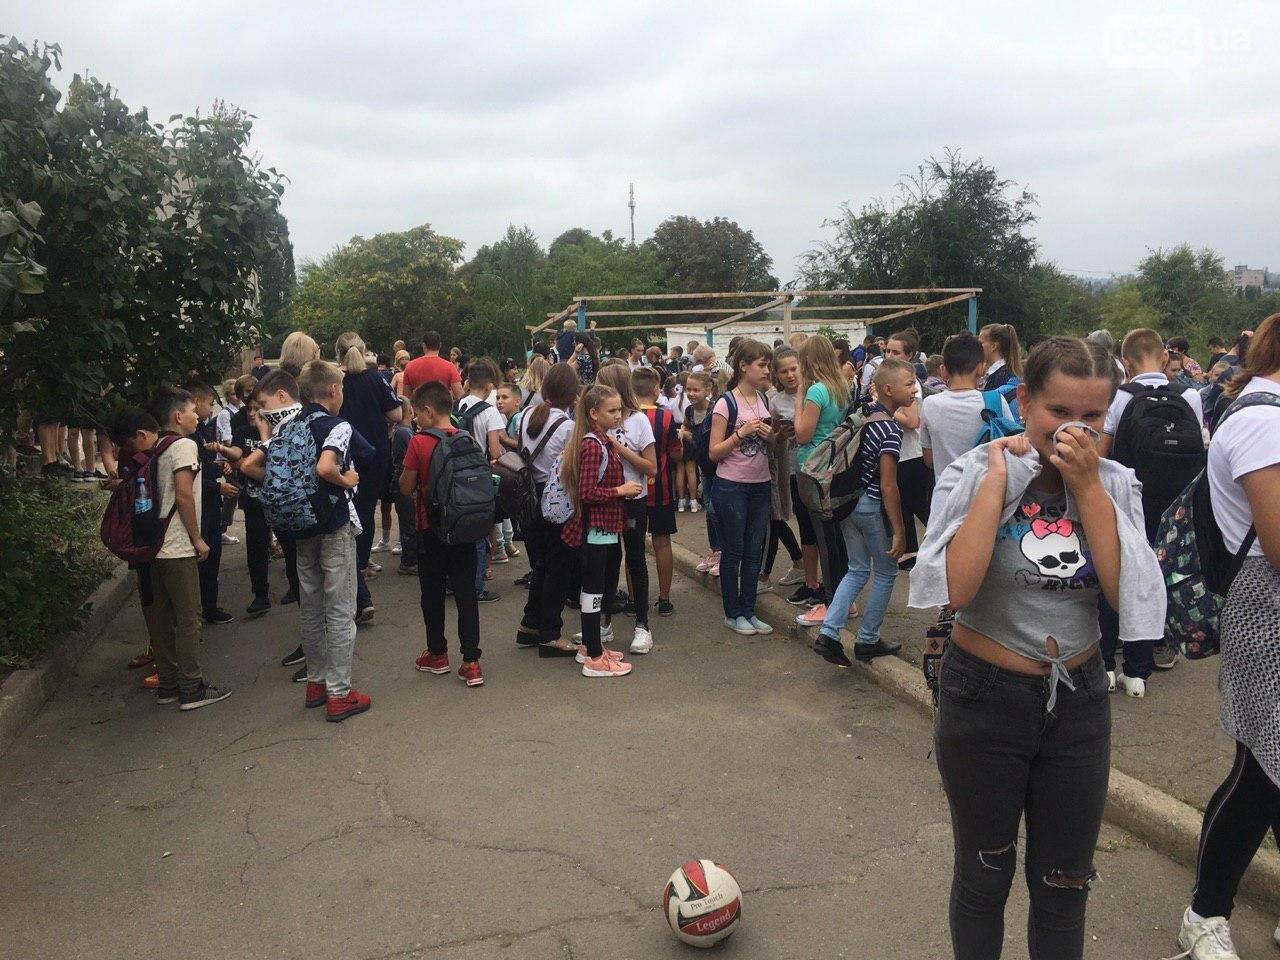 В одной из школ Кривого Рога из-за распыления неизвестного вещества срочно эвакуировали детей, - ФОТО, фото-5